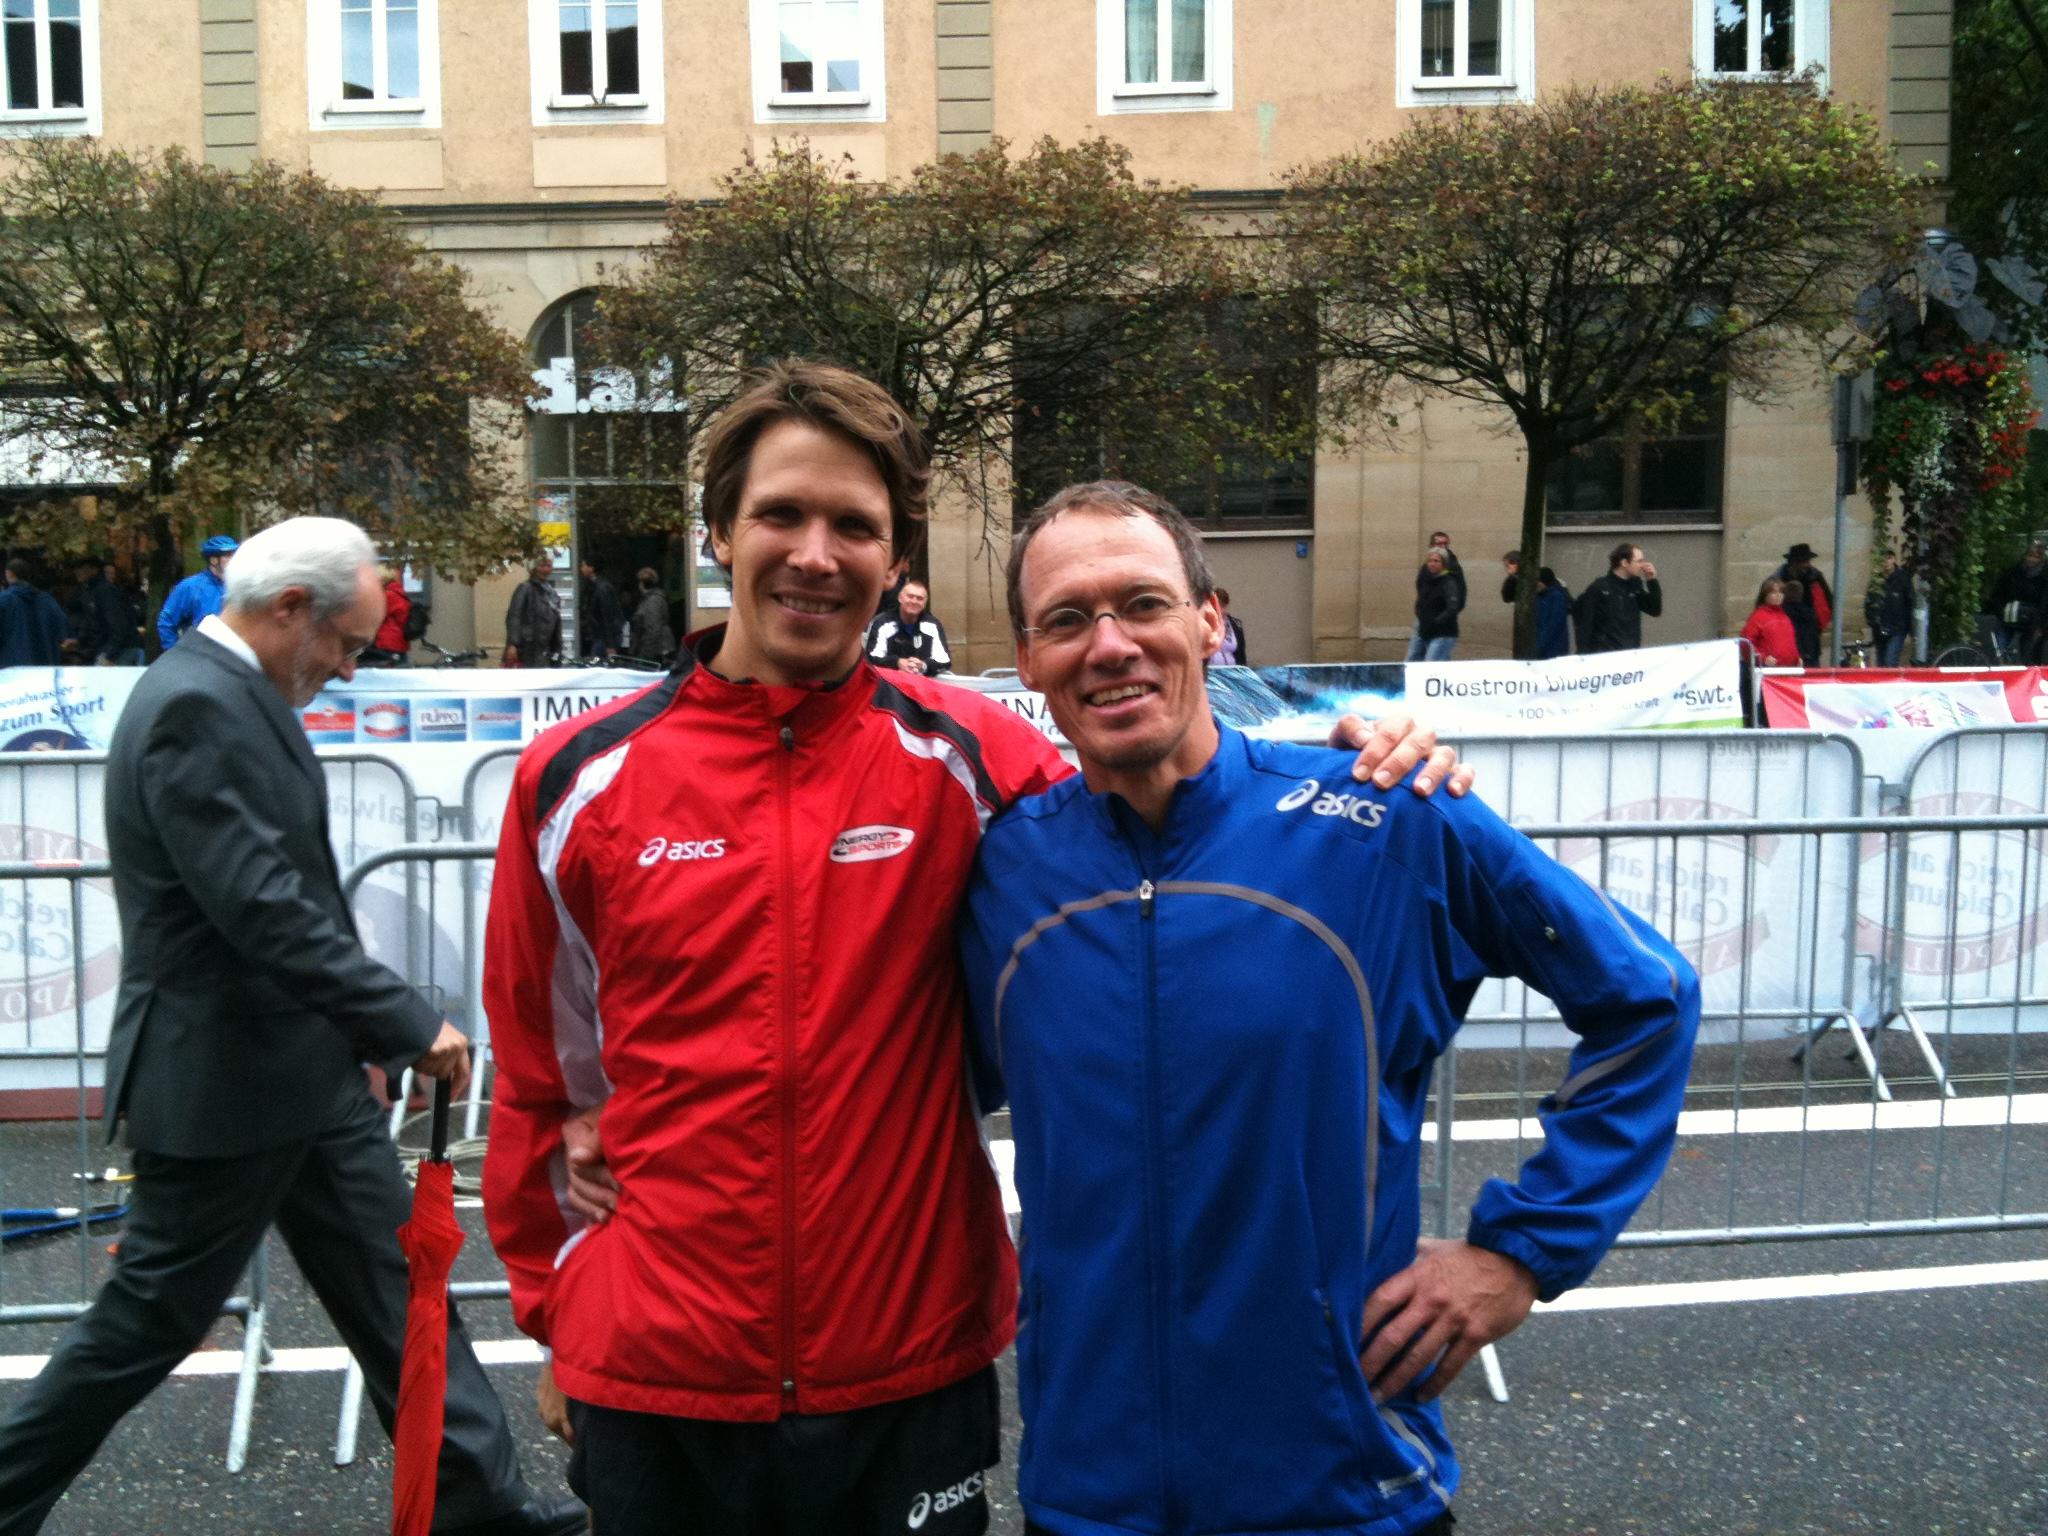 """Heimvorteil: Dieter Baumann lief bei """"seinem"""" Stadtlauf mit sehr guten 23:47 min auf den 16. Platz"""